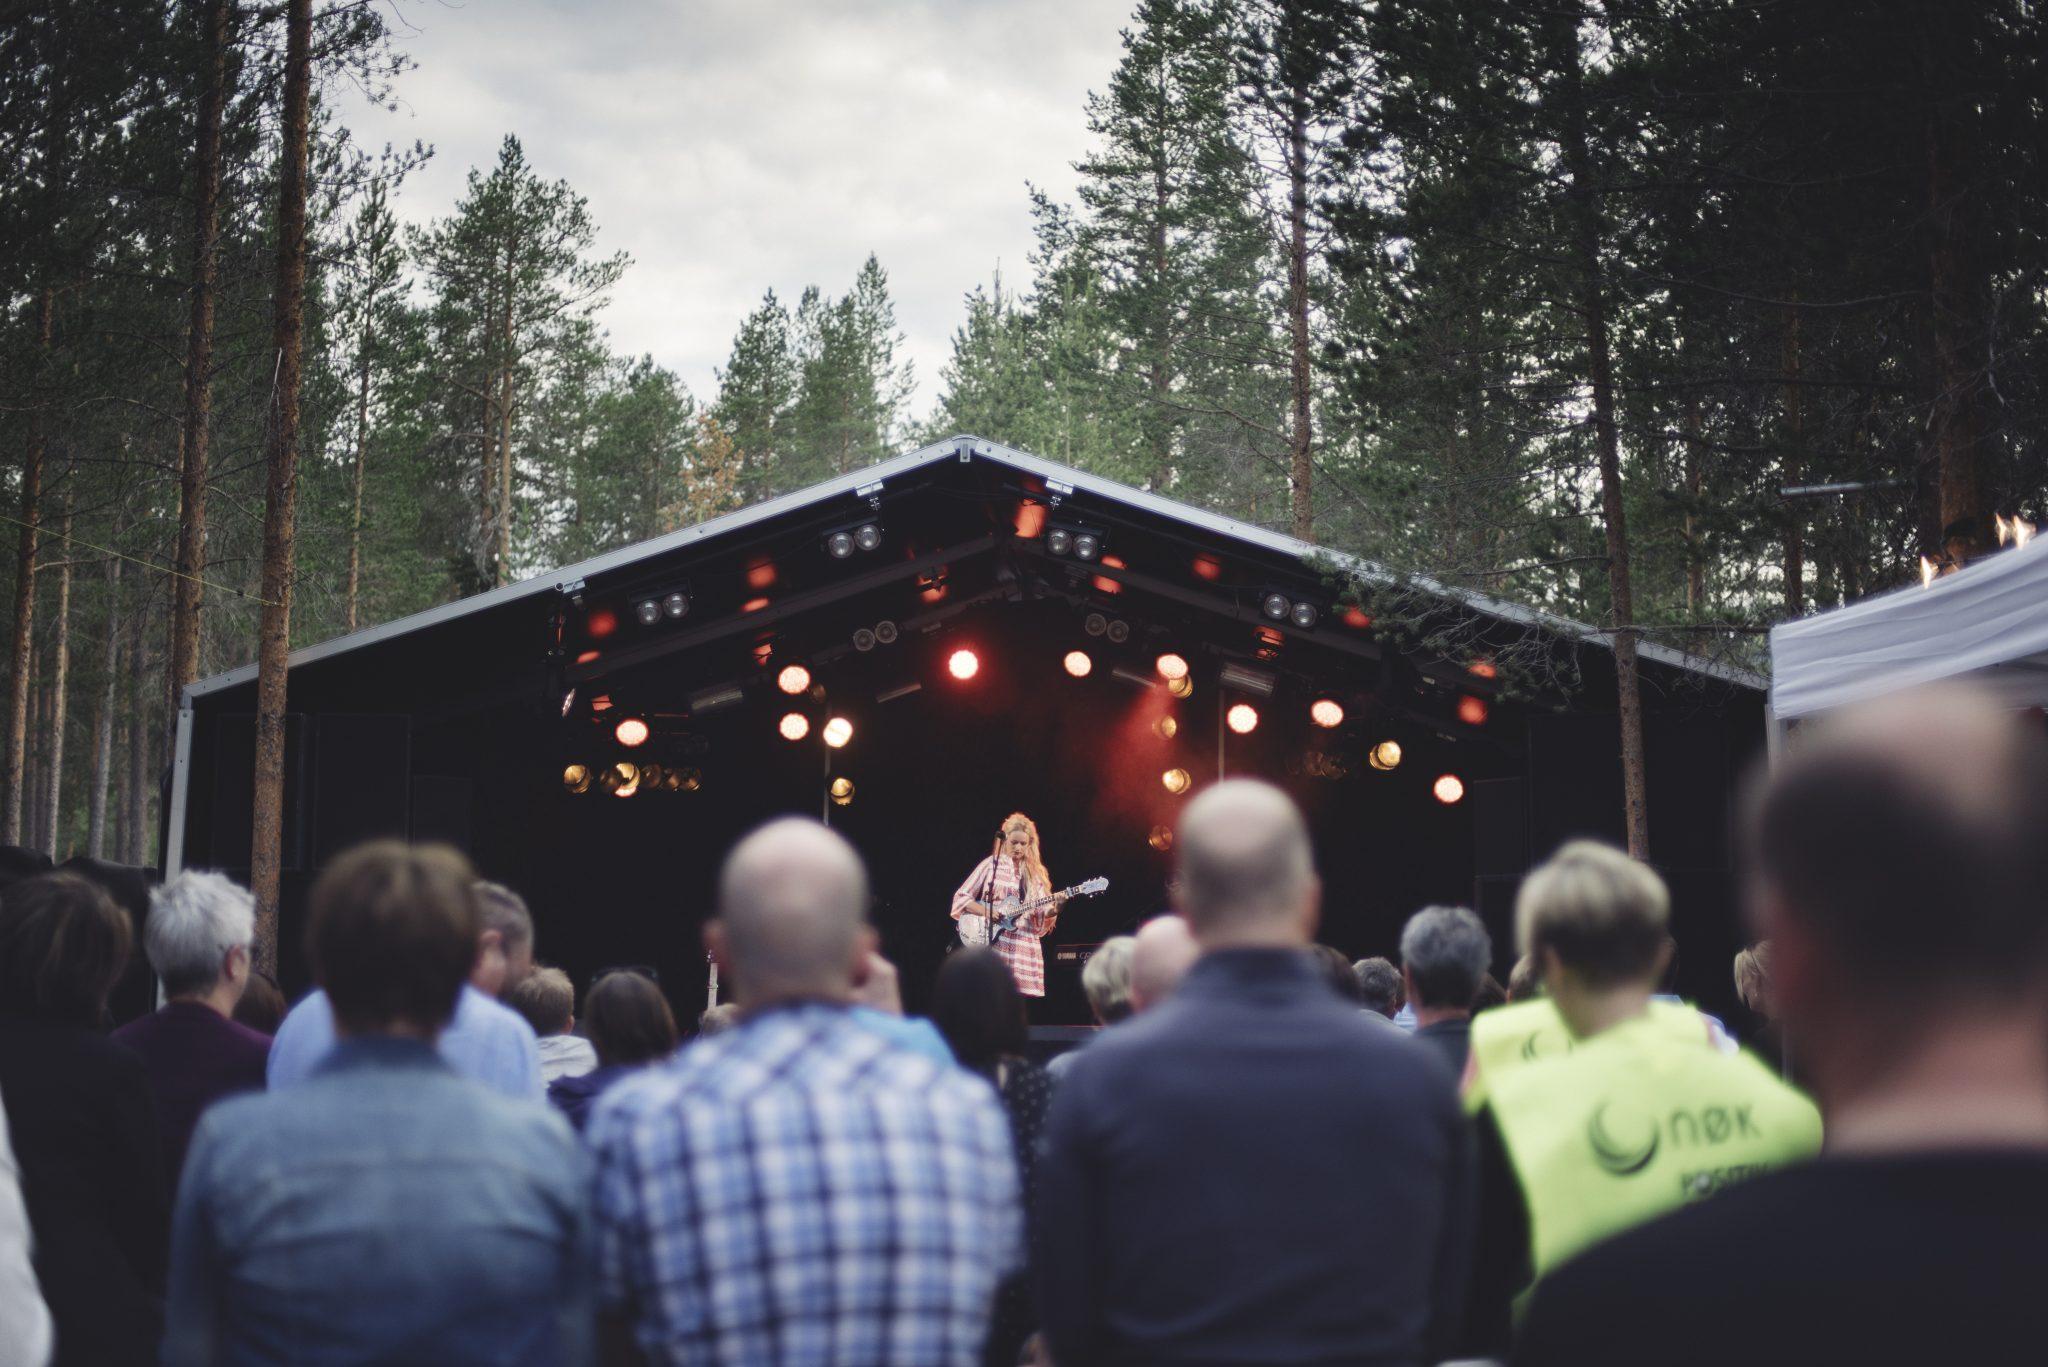 Jubilant byr på strøm og festivalopplevelser